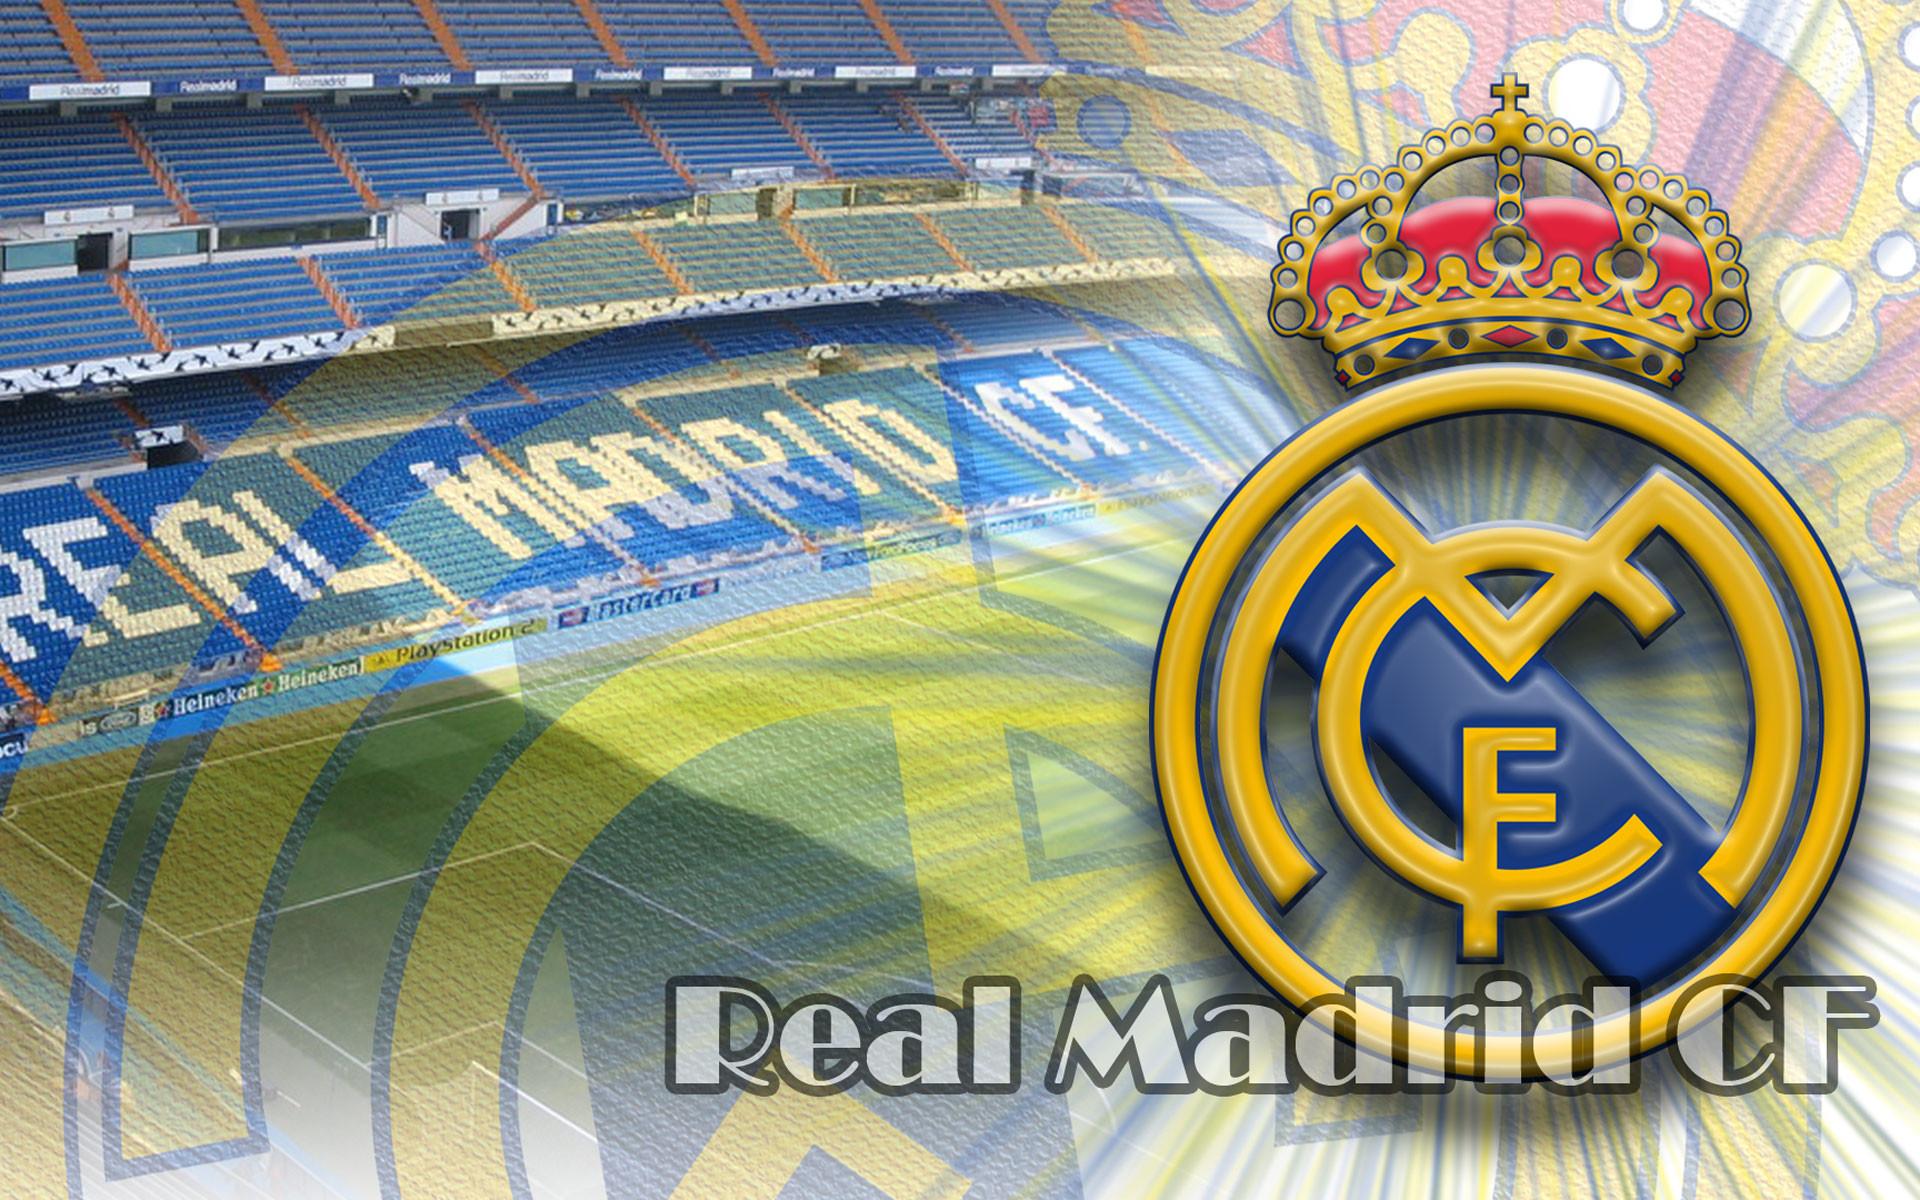 73 Real Madrid